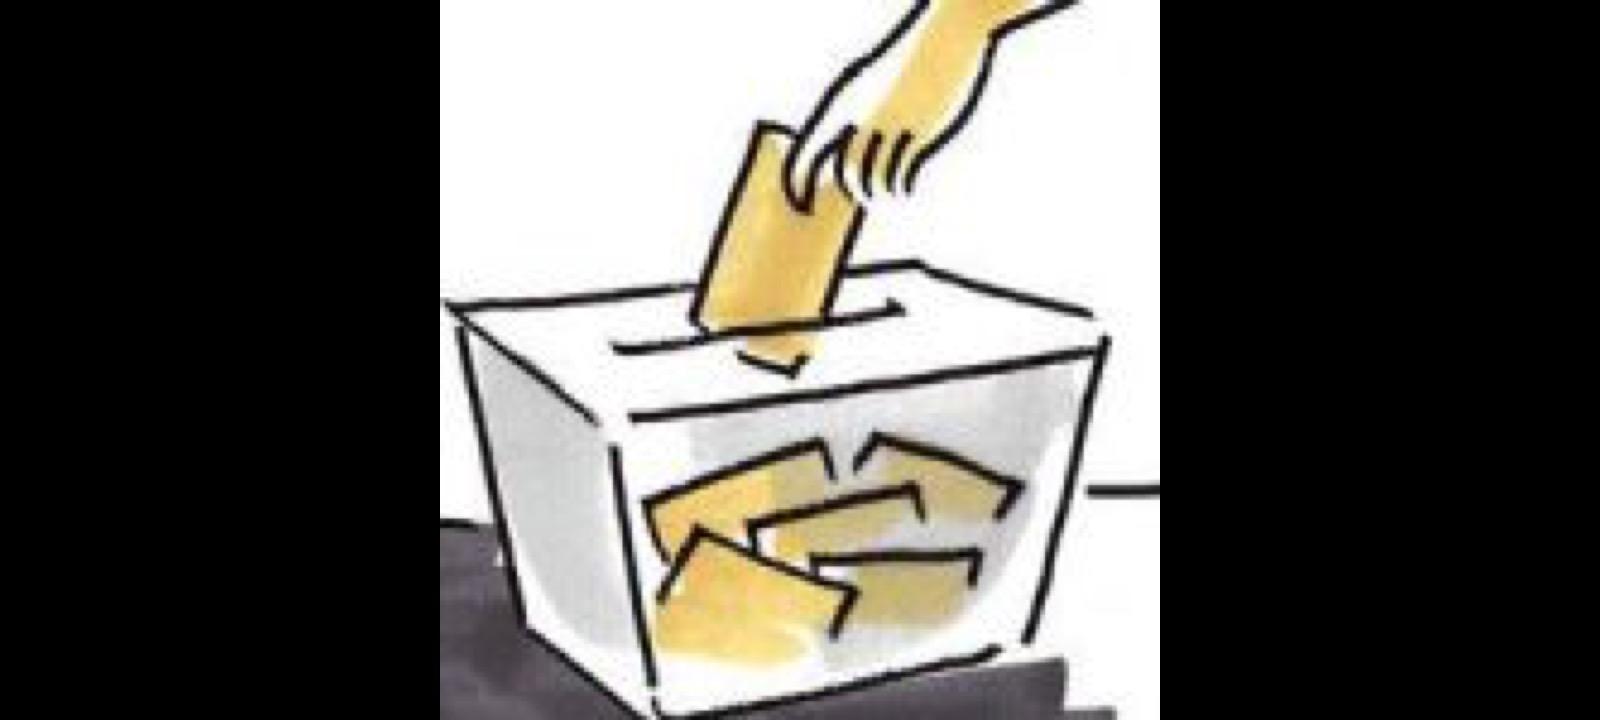 Criterios a tener en cuenta respecto del horario laboral del día 28 de abril de 2019 para la celebración de elecciones al Congreso de los Diputados y al Senado